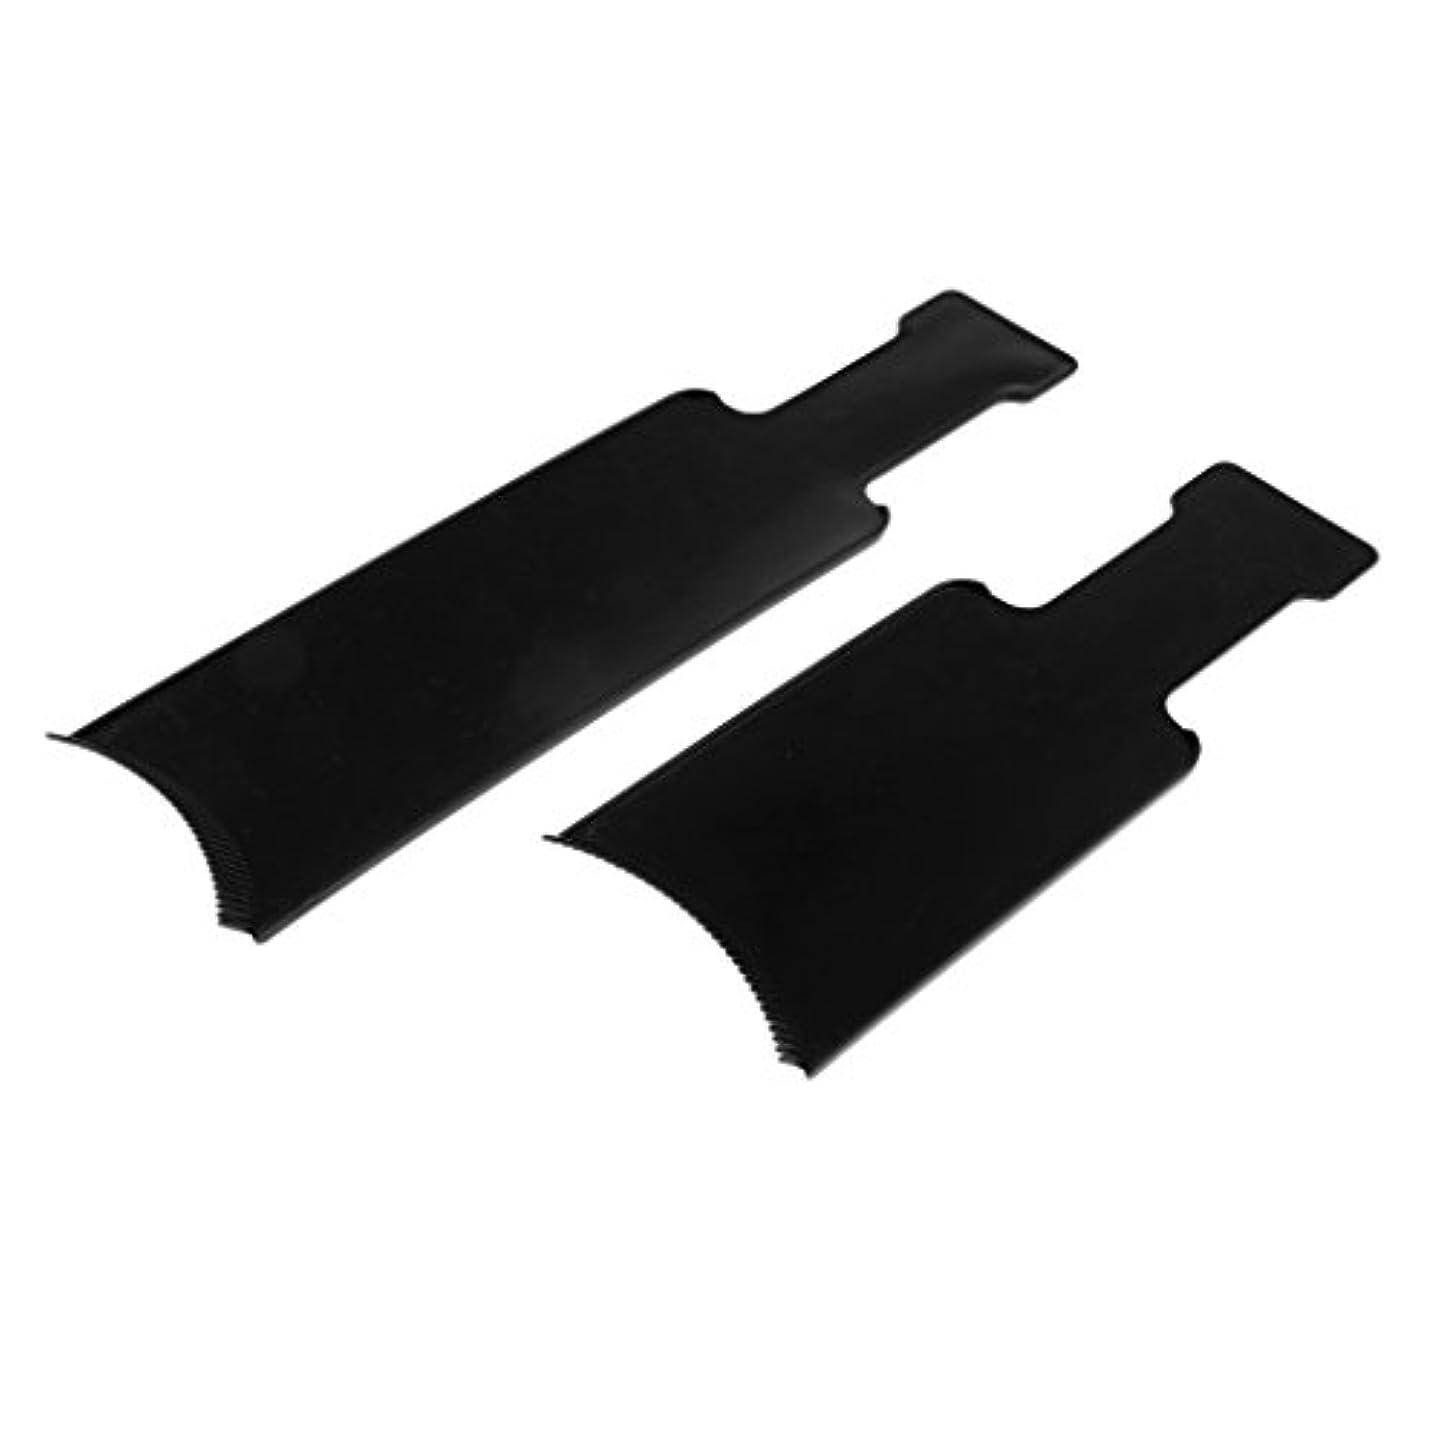 ママ迷惑ペインティングヘアカラーボード 染色櫛 染色プレート ヘアカラー プラスチック製 美容ツール 黒 2個入